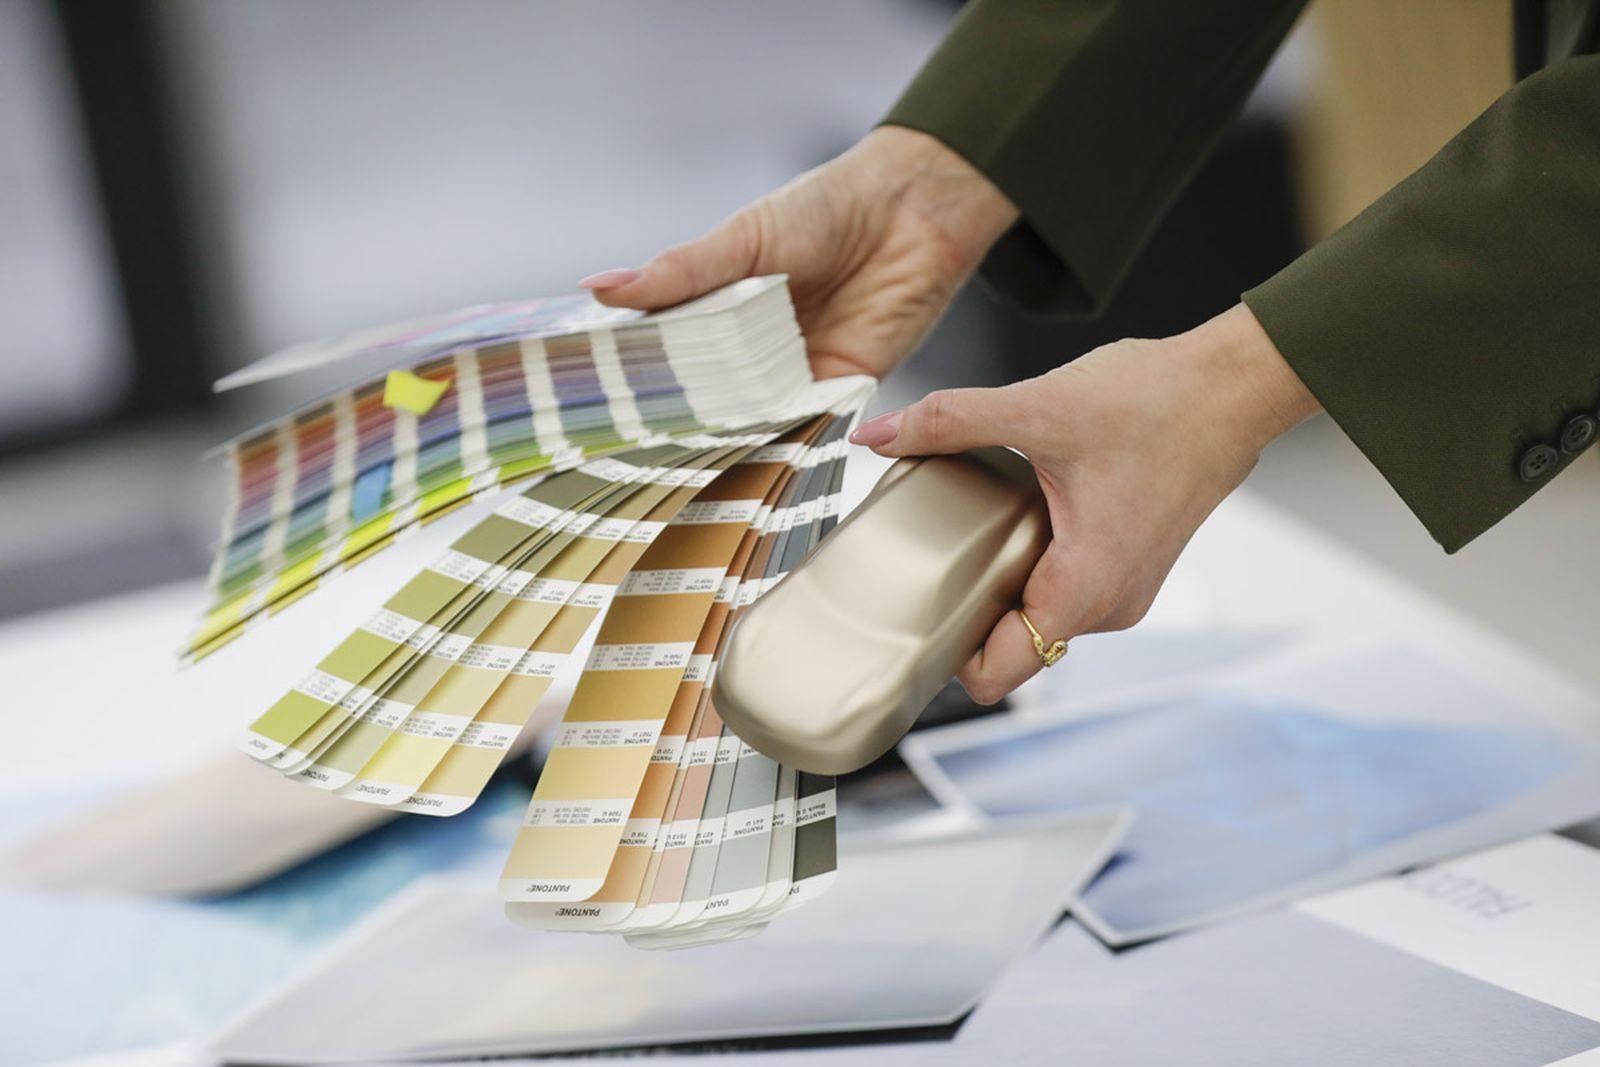 meet-dani-milosevic-porsches-color-trim-style-designer-04